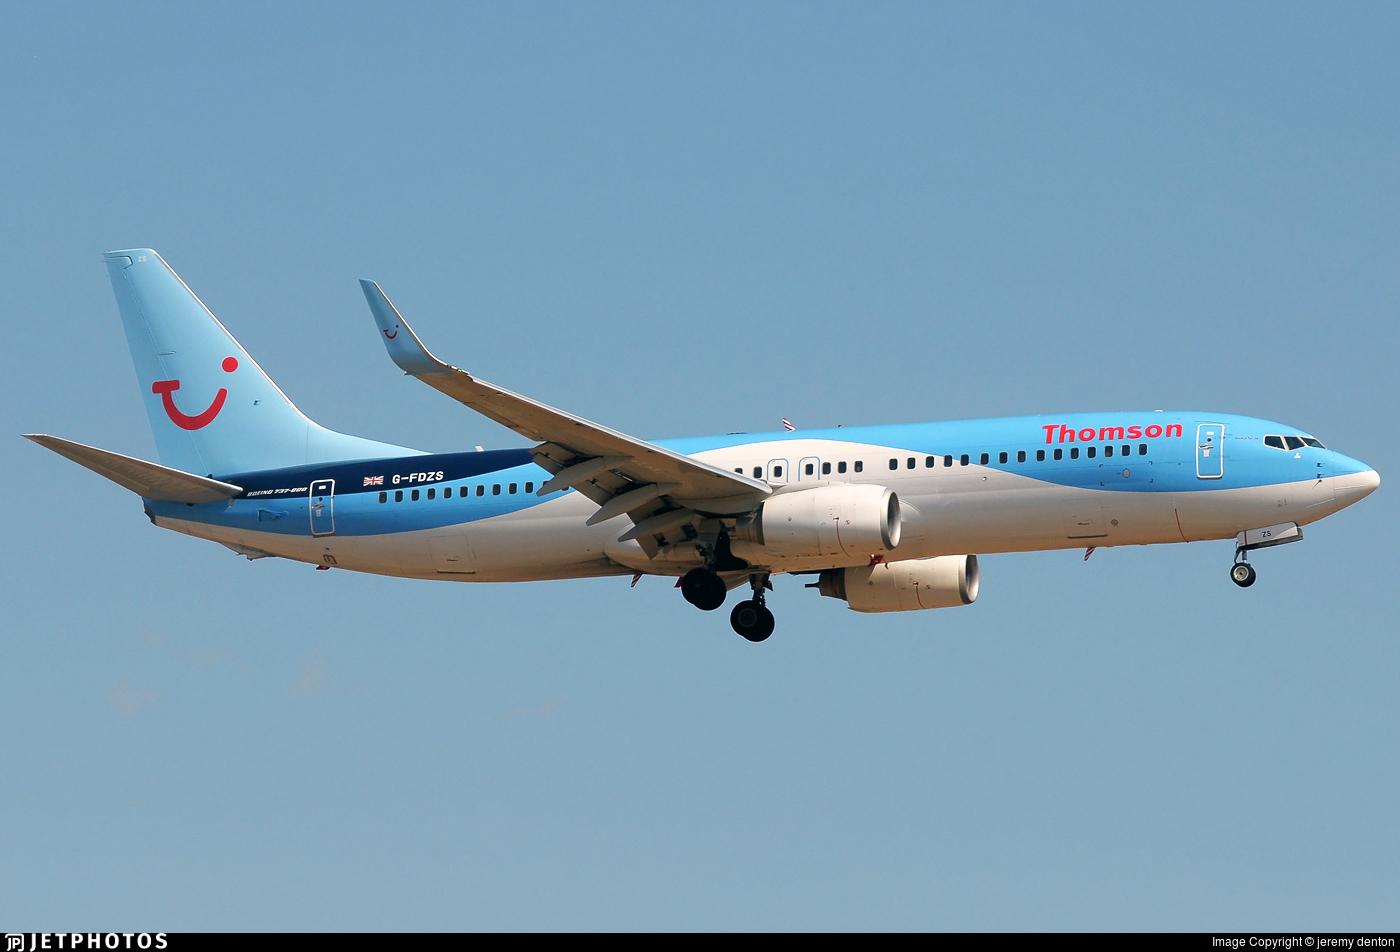 G-FDZS - Boeing 737-8K5 - Thomson Airways